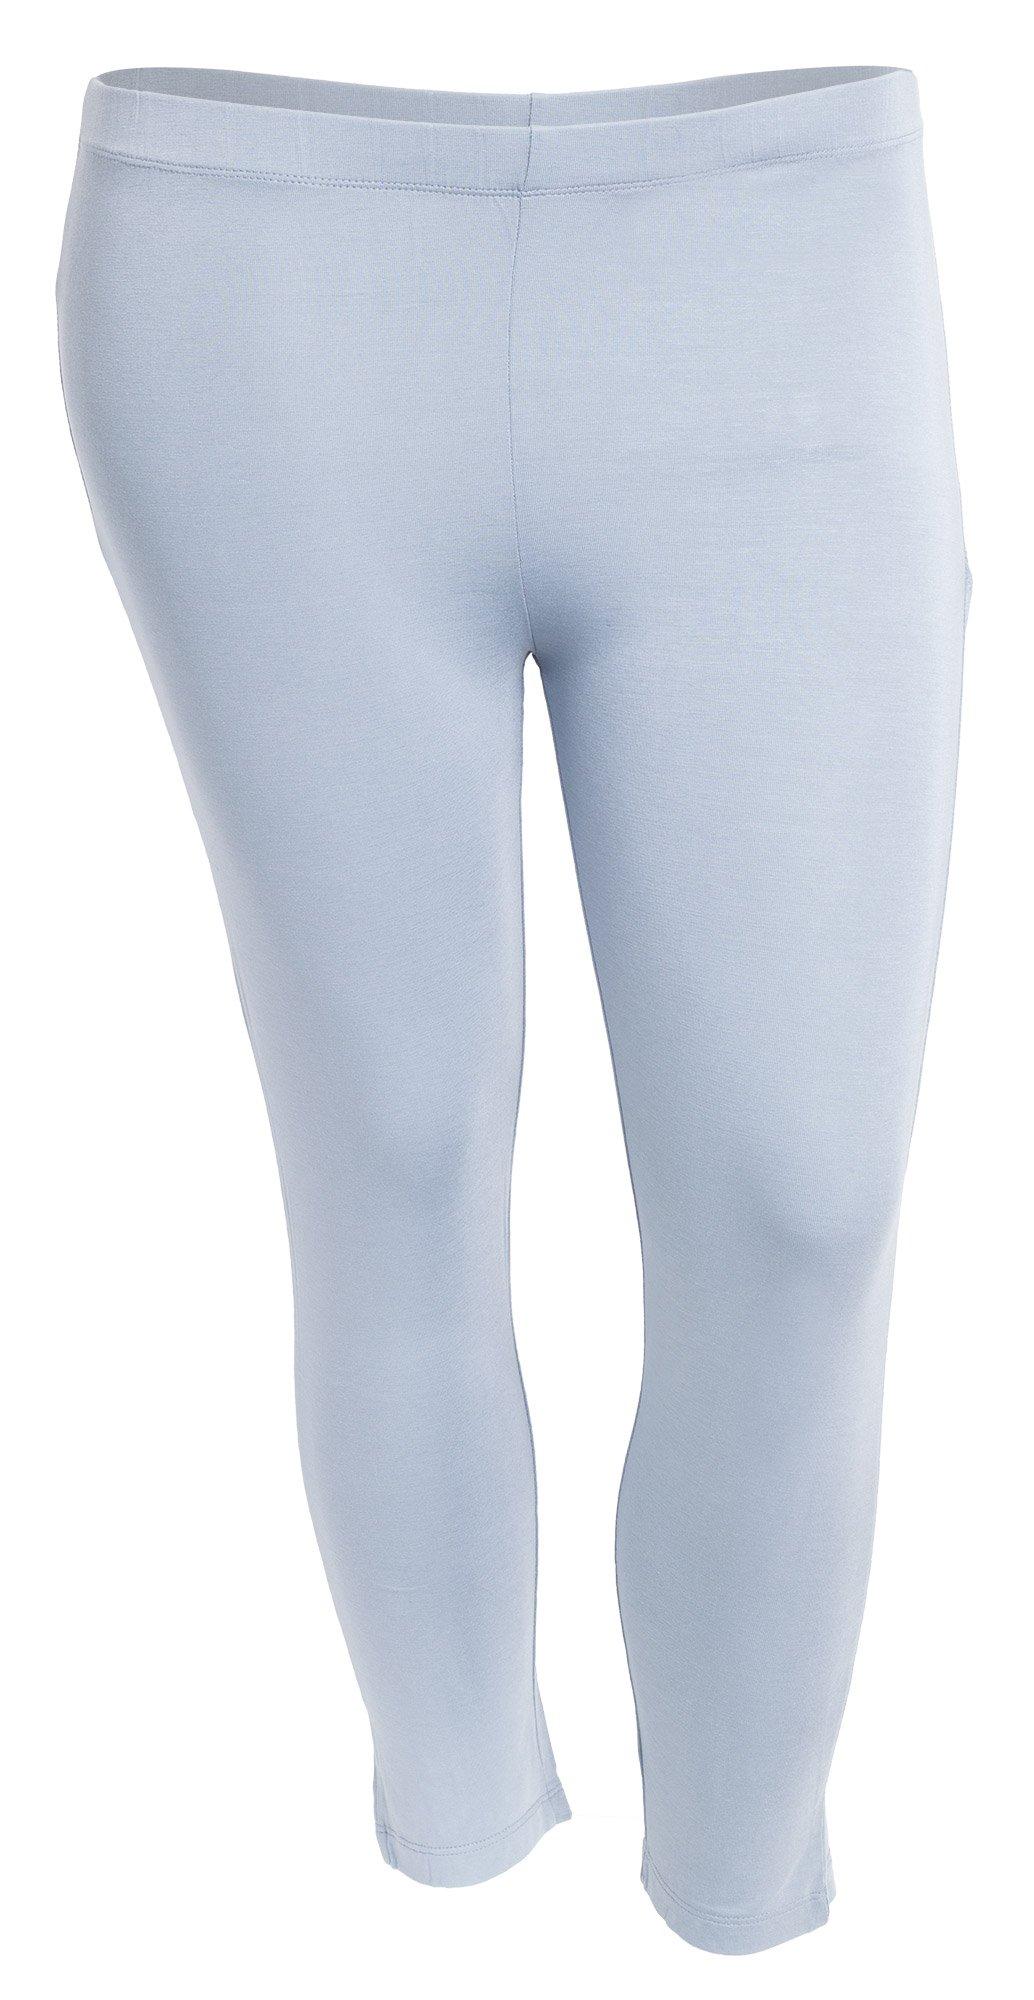 Skønne capri leggings med lynlås detalje